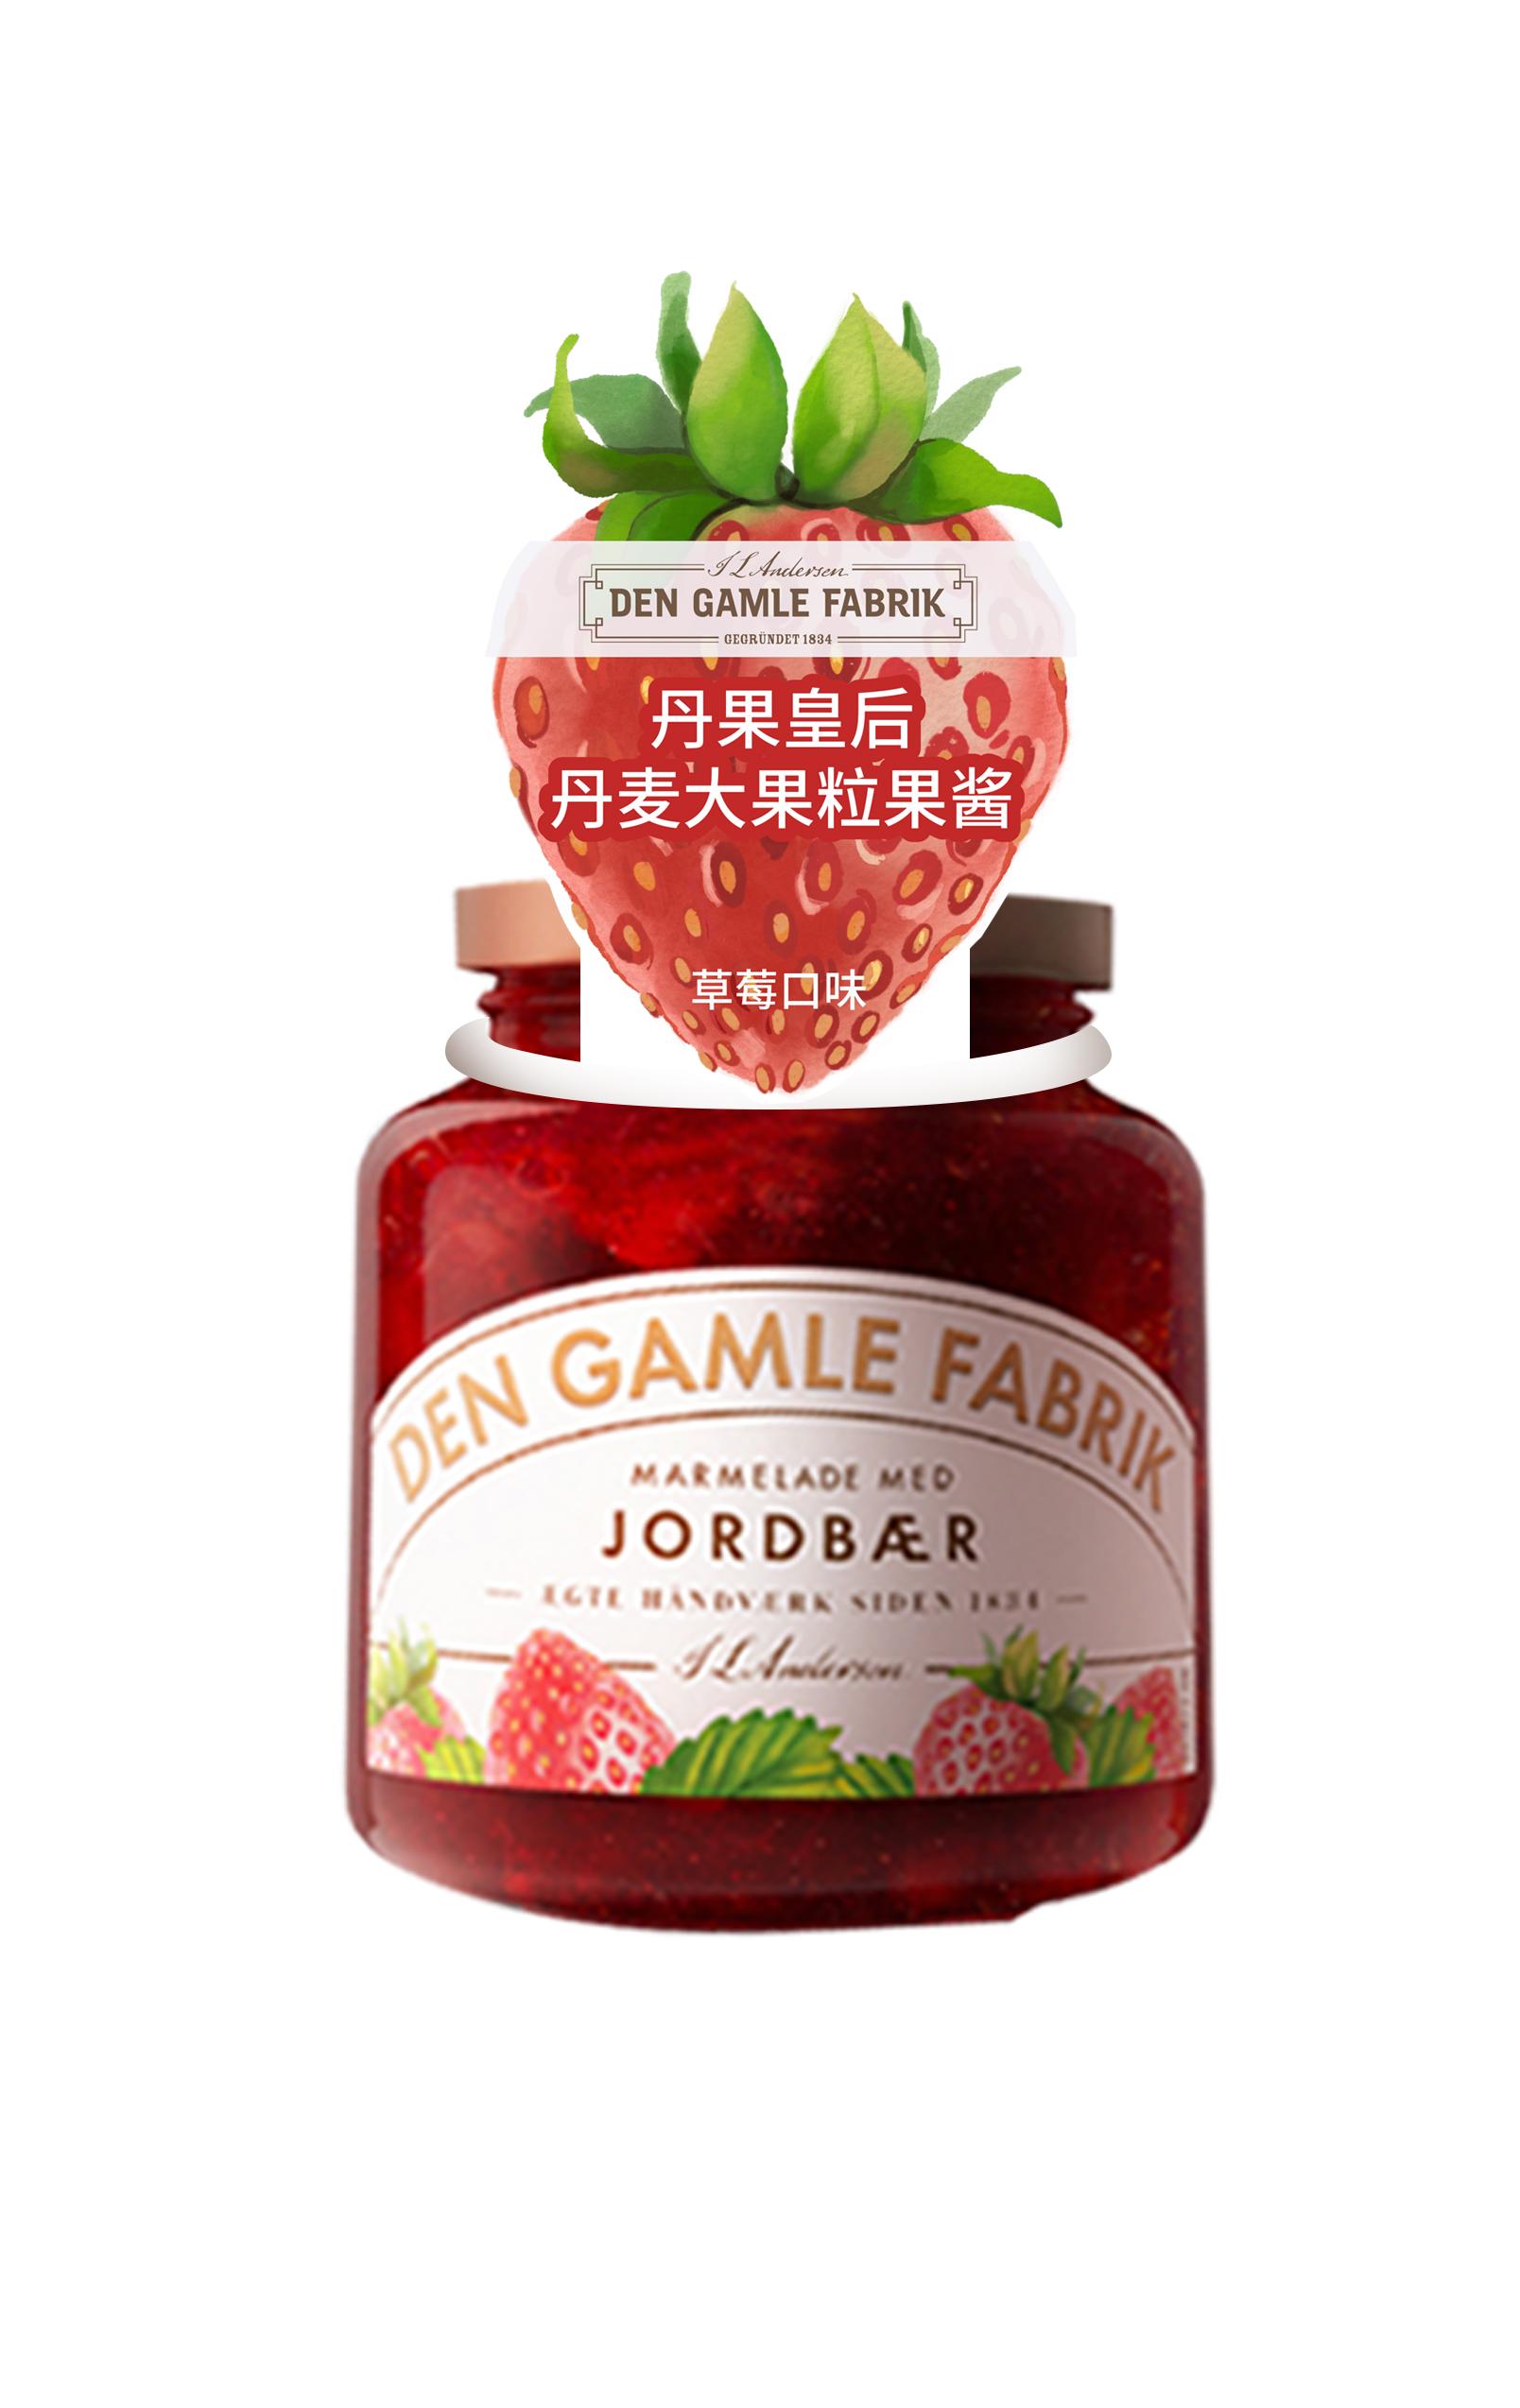 丹麦果酱  草莓果酱2瓶装 2022-2-11到期